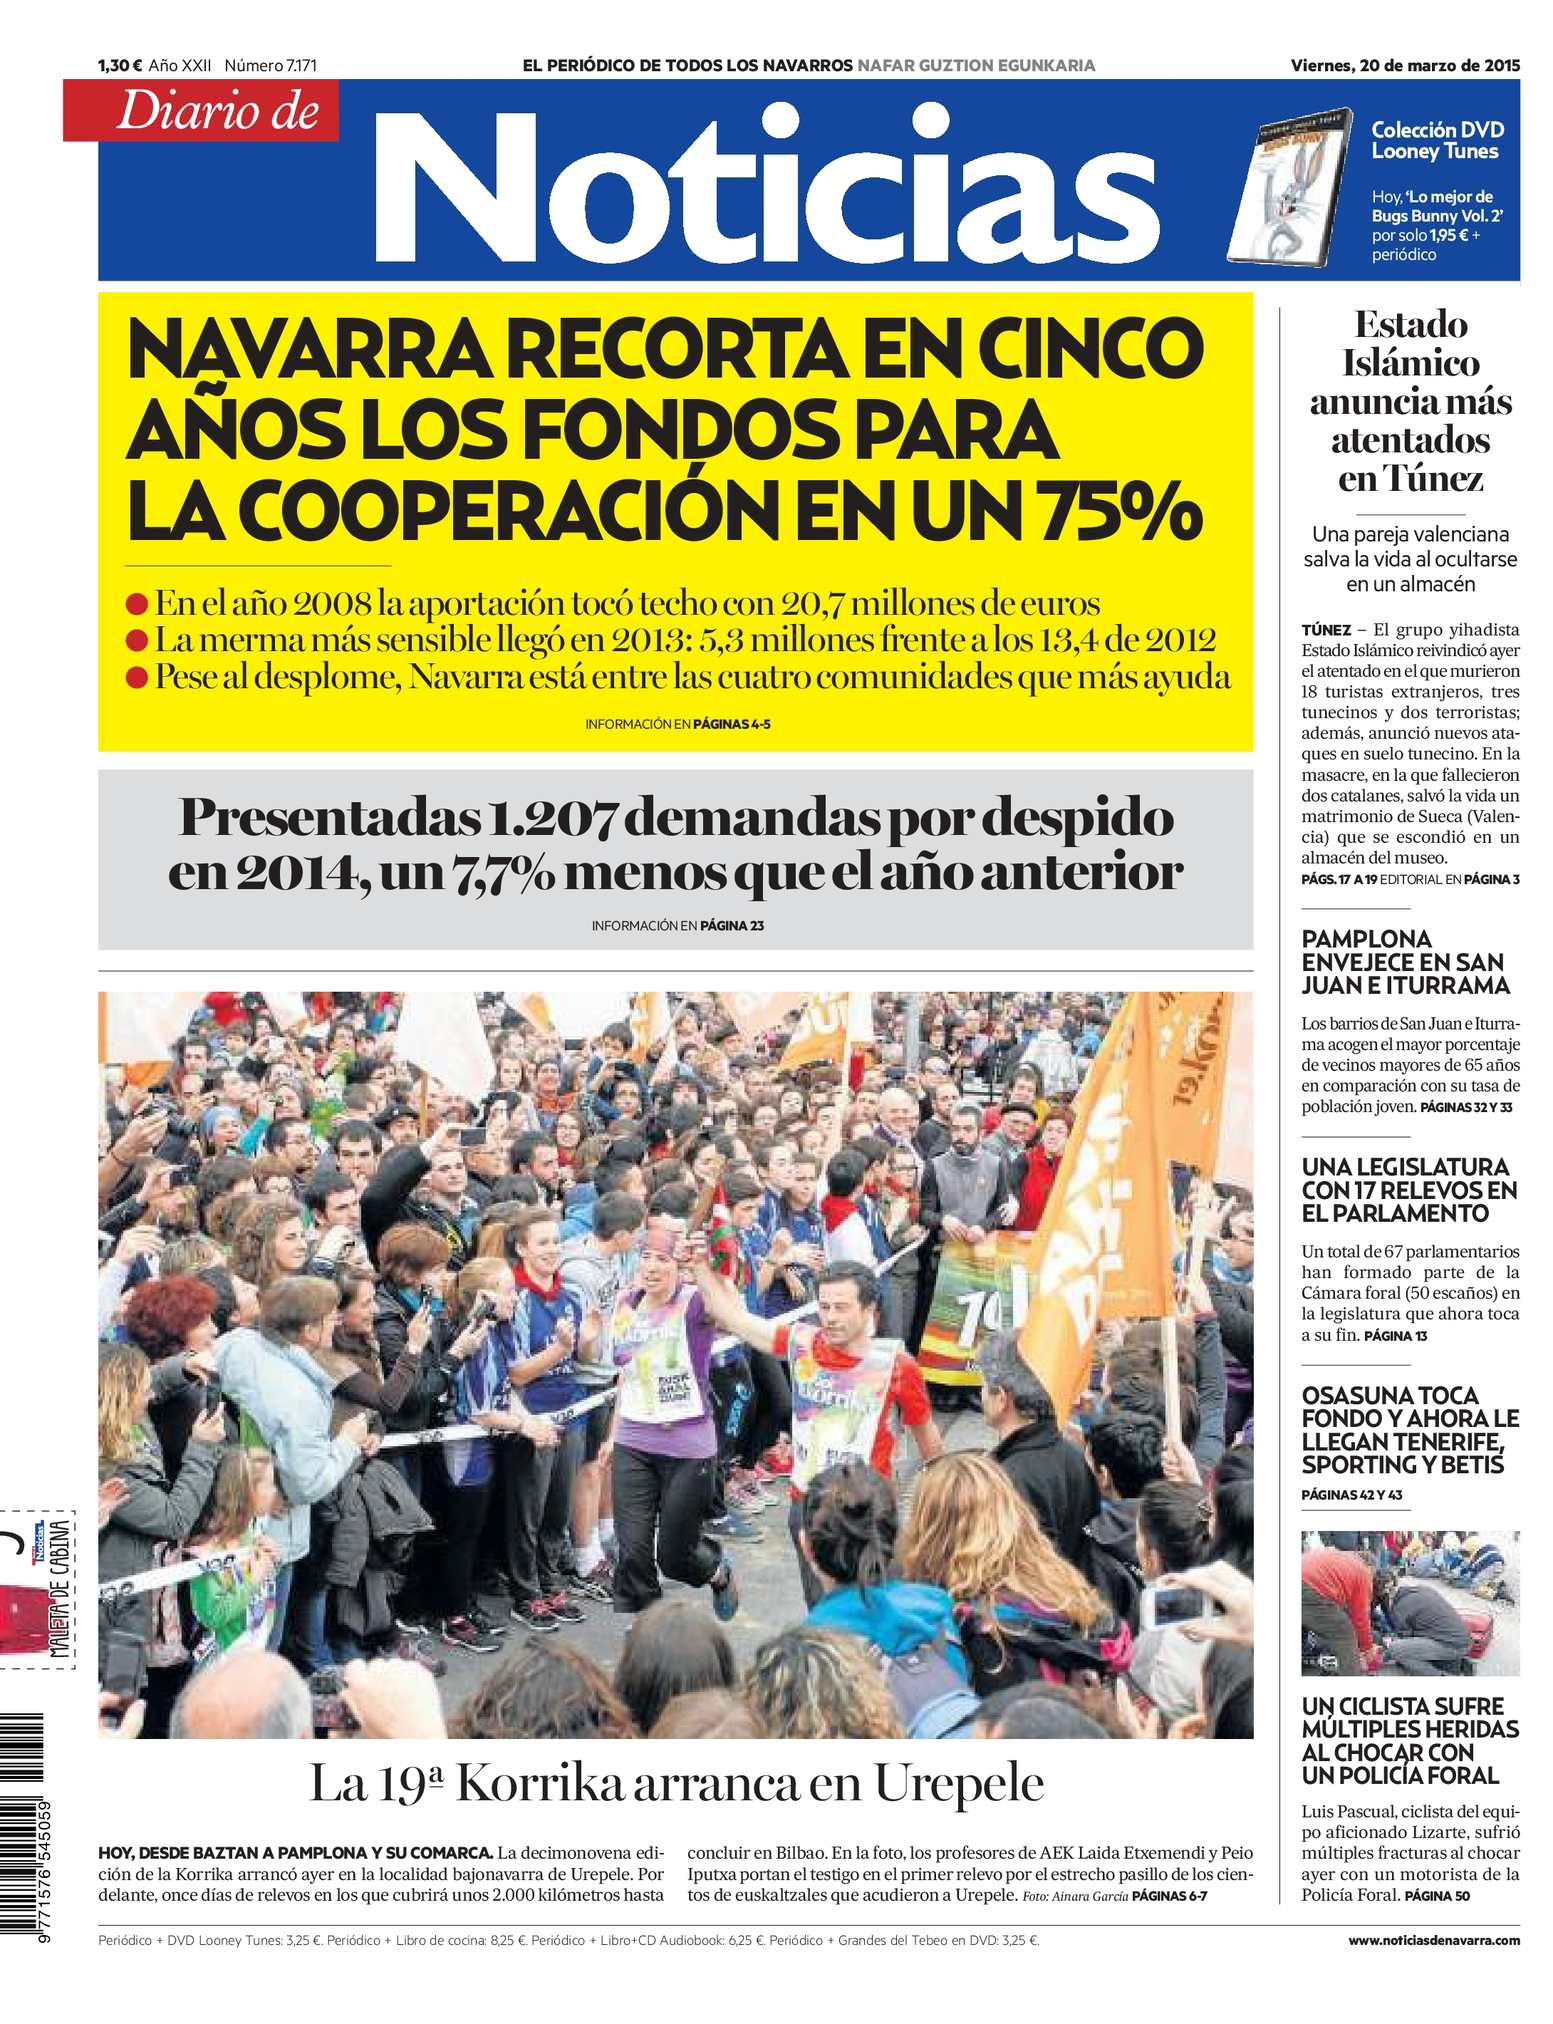 251f86c42a3d Calaméo - Diario de Noticias 20150320